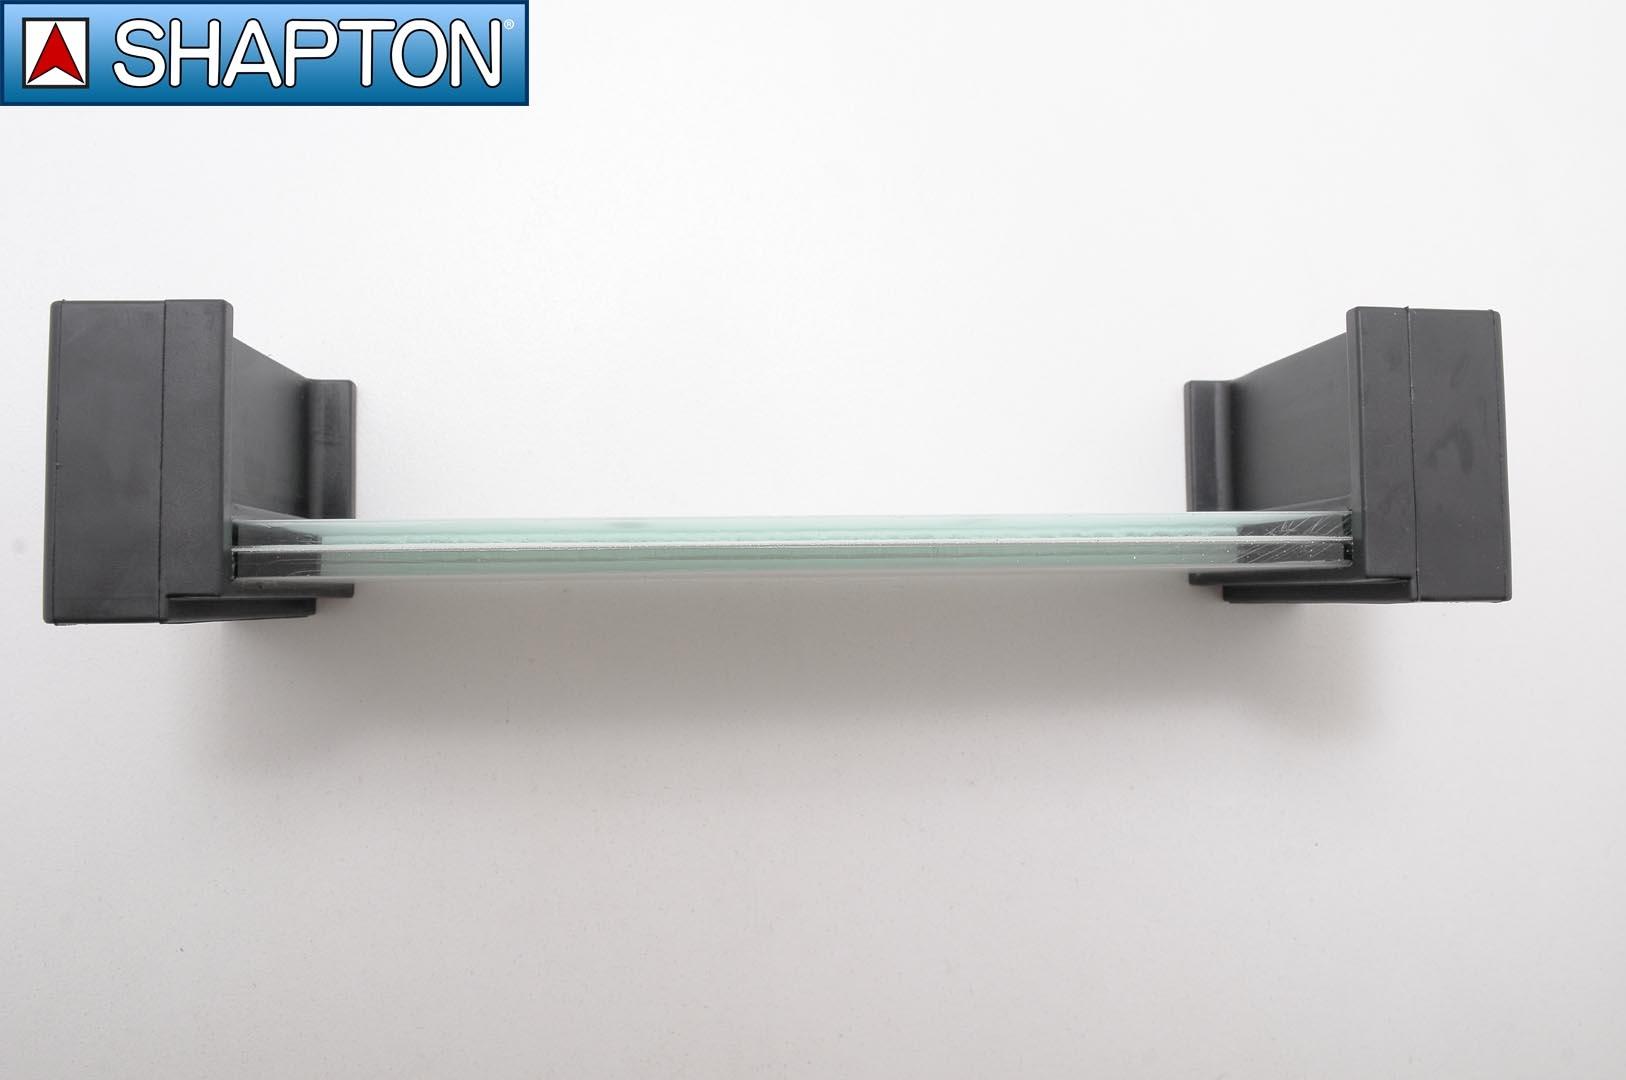 50300-Soporte para piedras de afilar Shapton 50300-max-5.